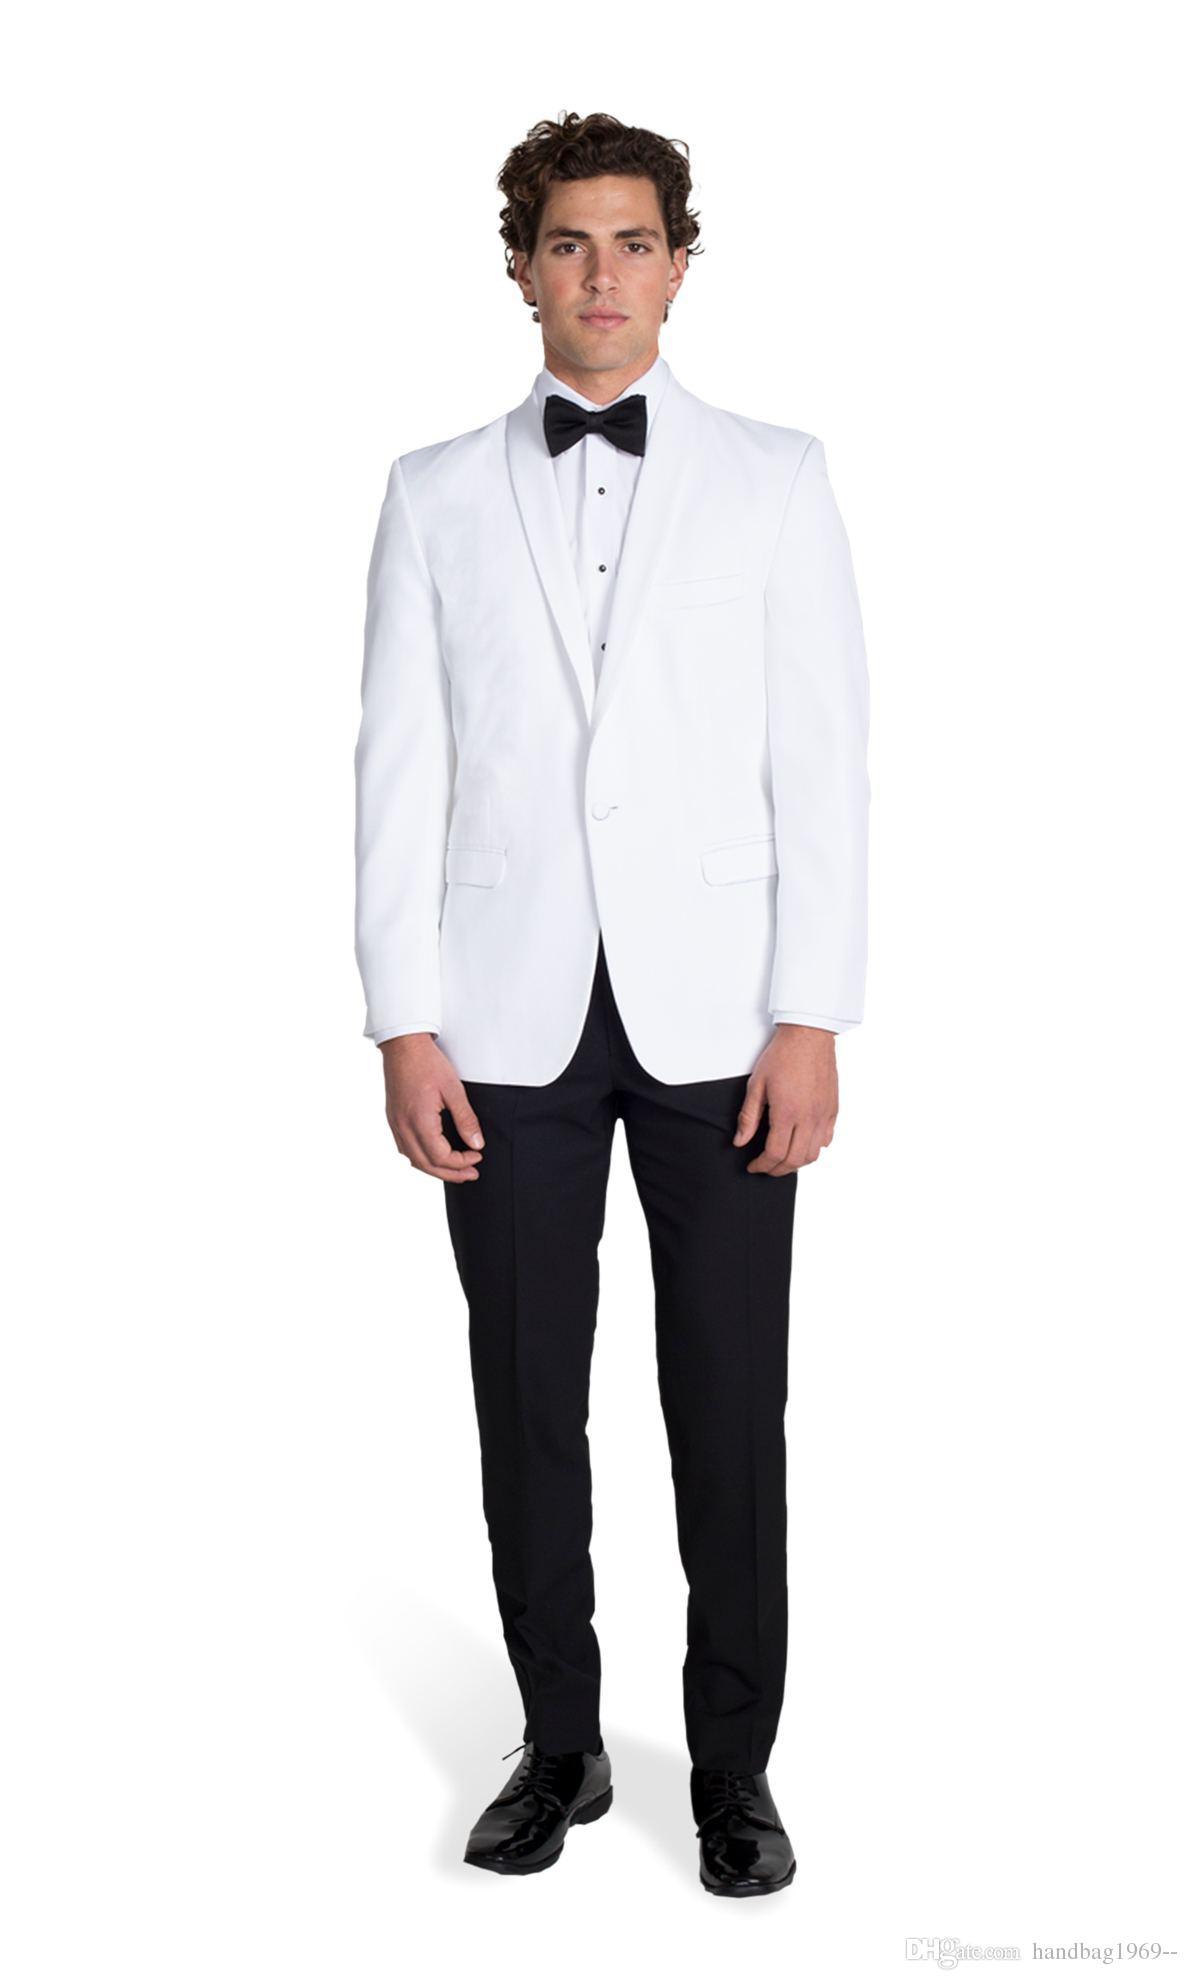 Neuheiten One Button Weiß Bräutigam Smoking Schal Revers Groomsmen Best Man Blazer Mens Hochzeitsanzüge (Jacke + Pants + Tie) D: 355